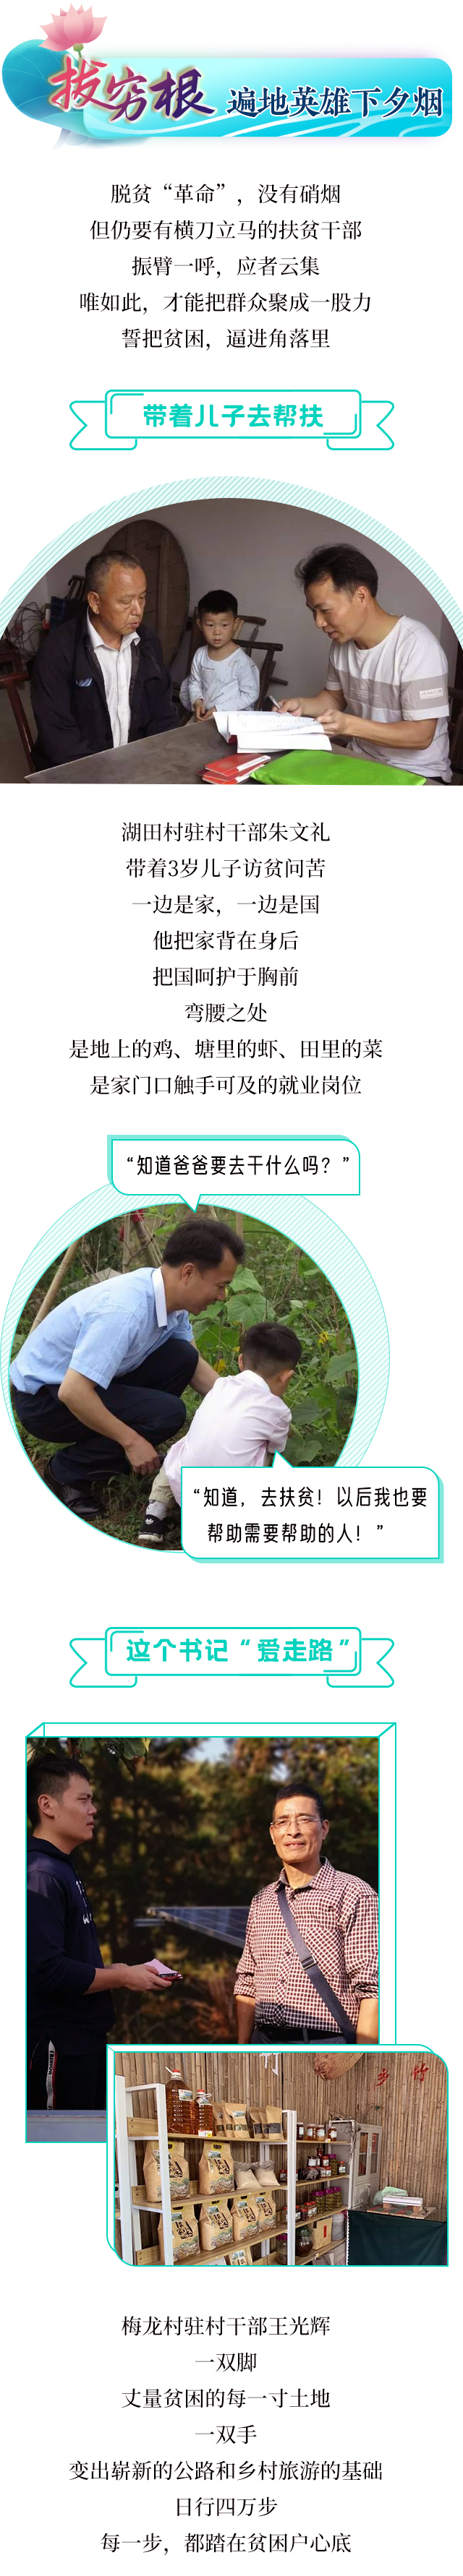 湘潭長圖第二部分_03.jpg